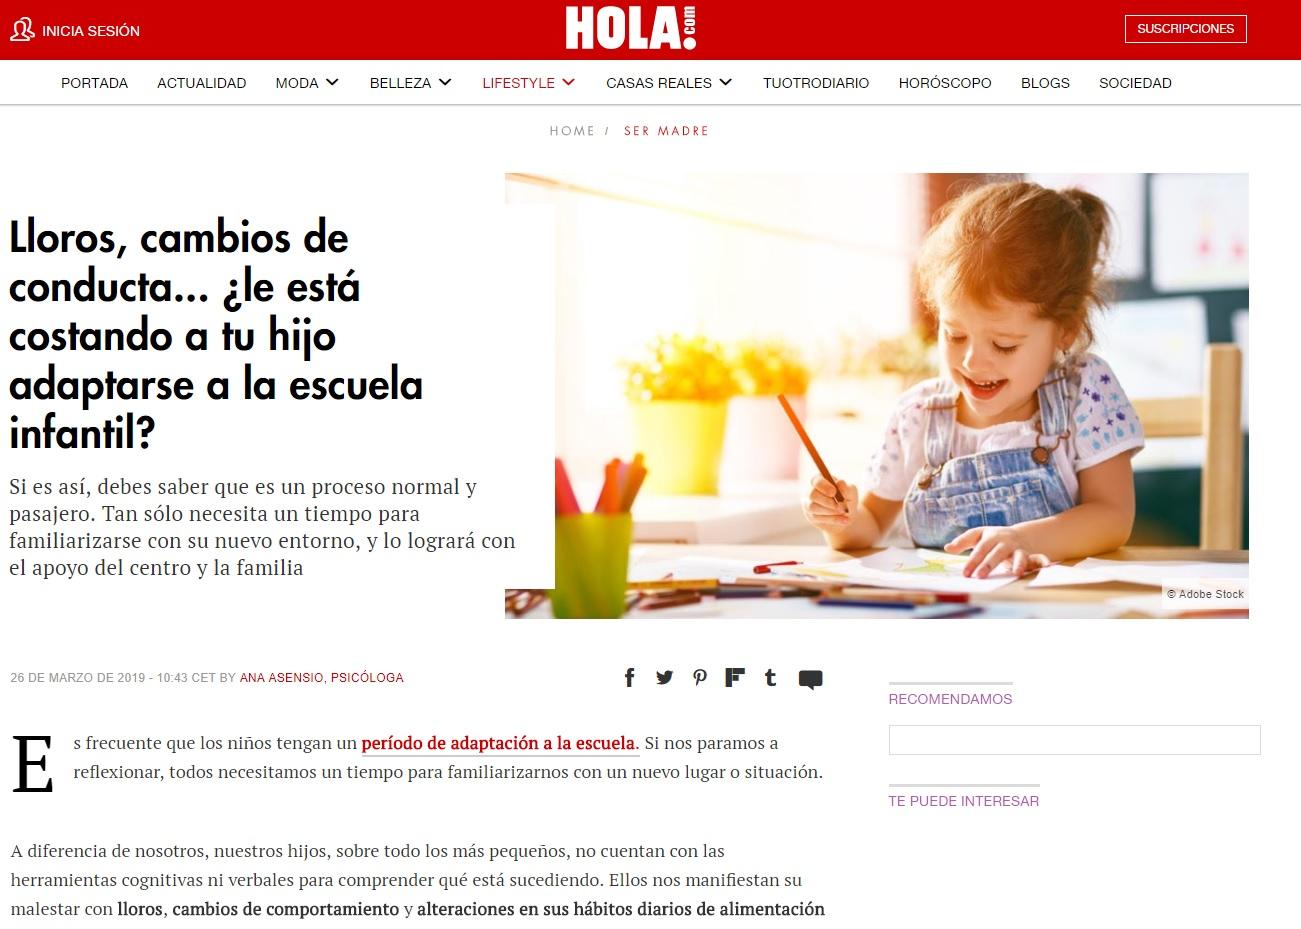 Noticia Nemomarlin - adaptación niño escuela infantil